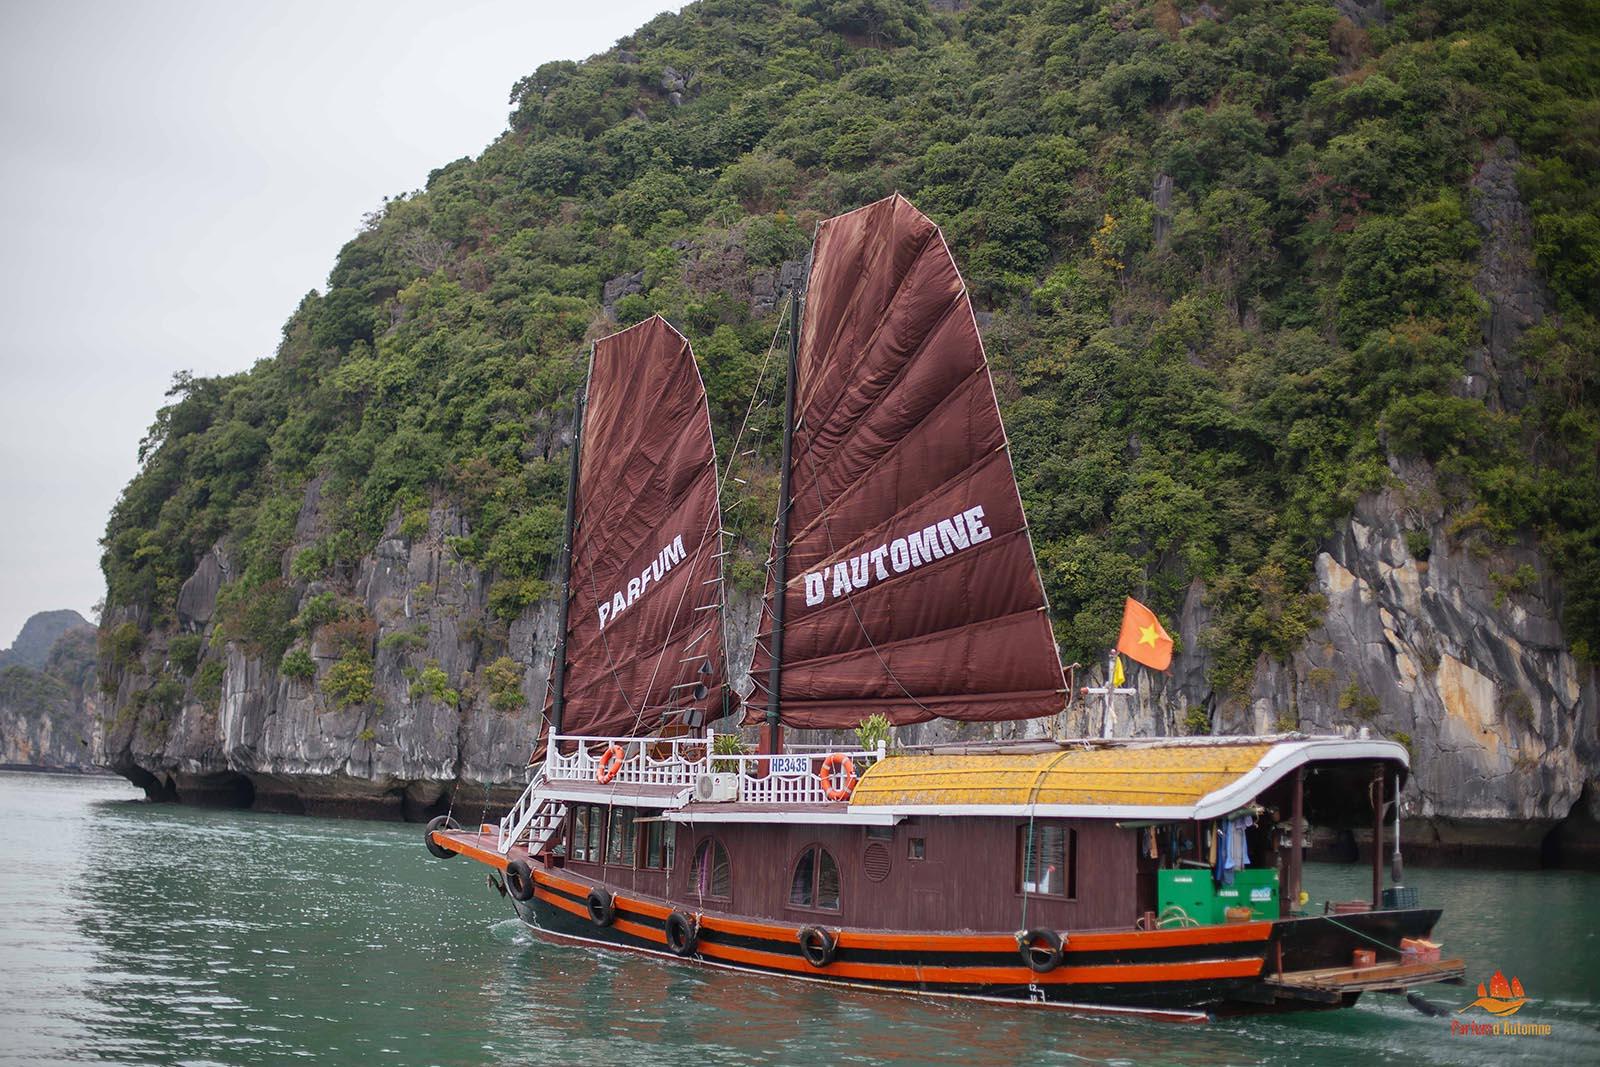 Jonque Majonq vue de l'extérieur, Baie d'Halong, Vietnam